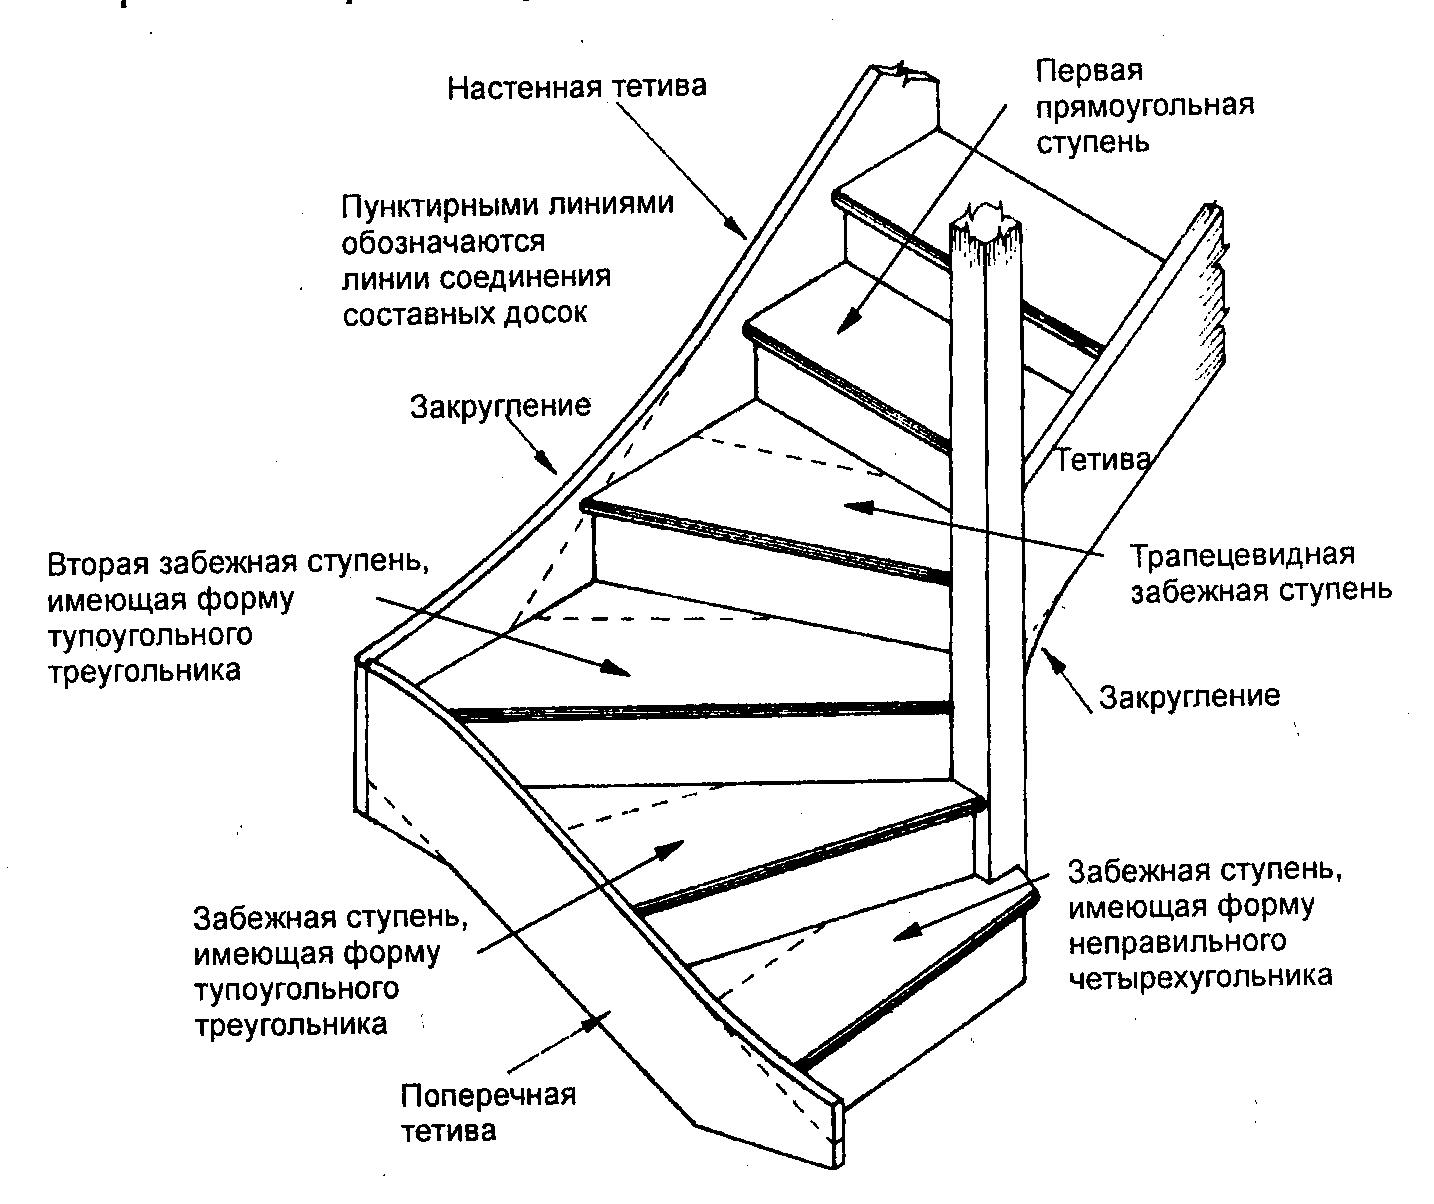 Схема эвакуации людей и материальных средств из здания